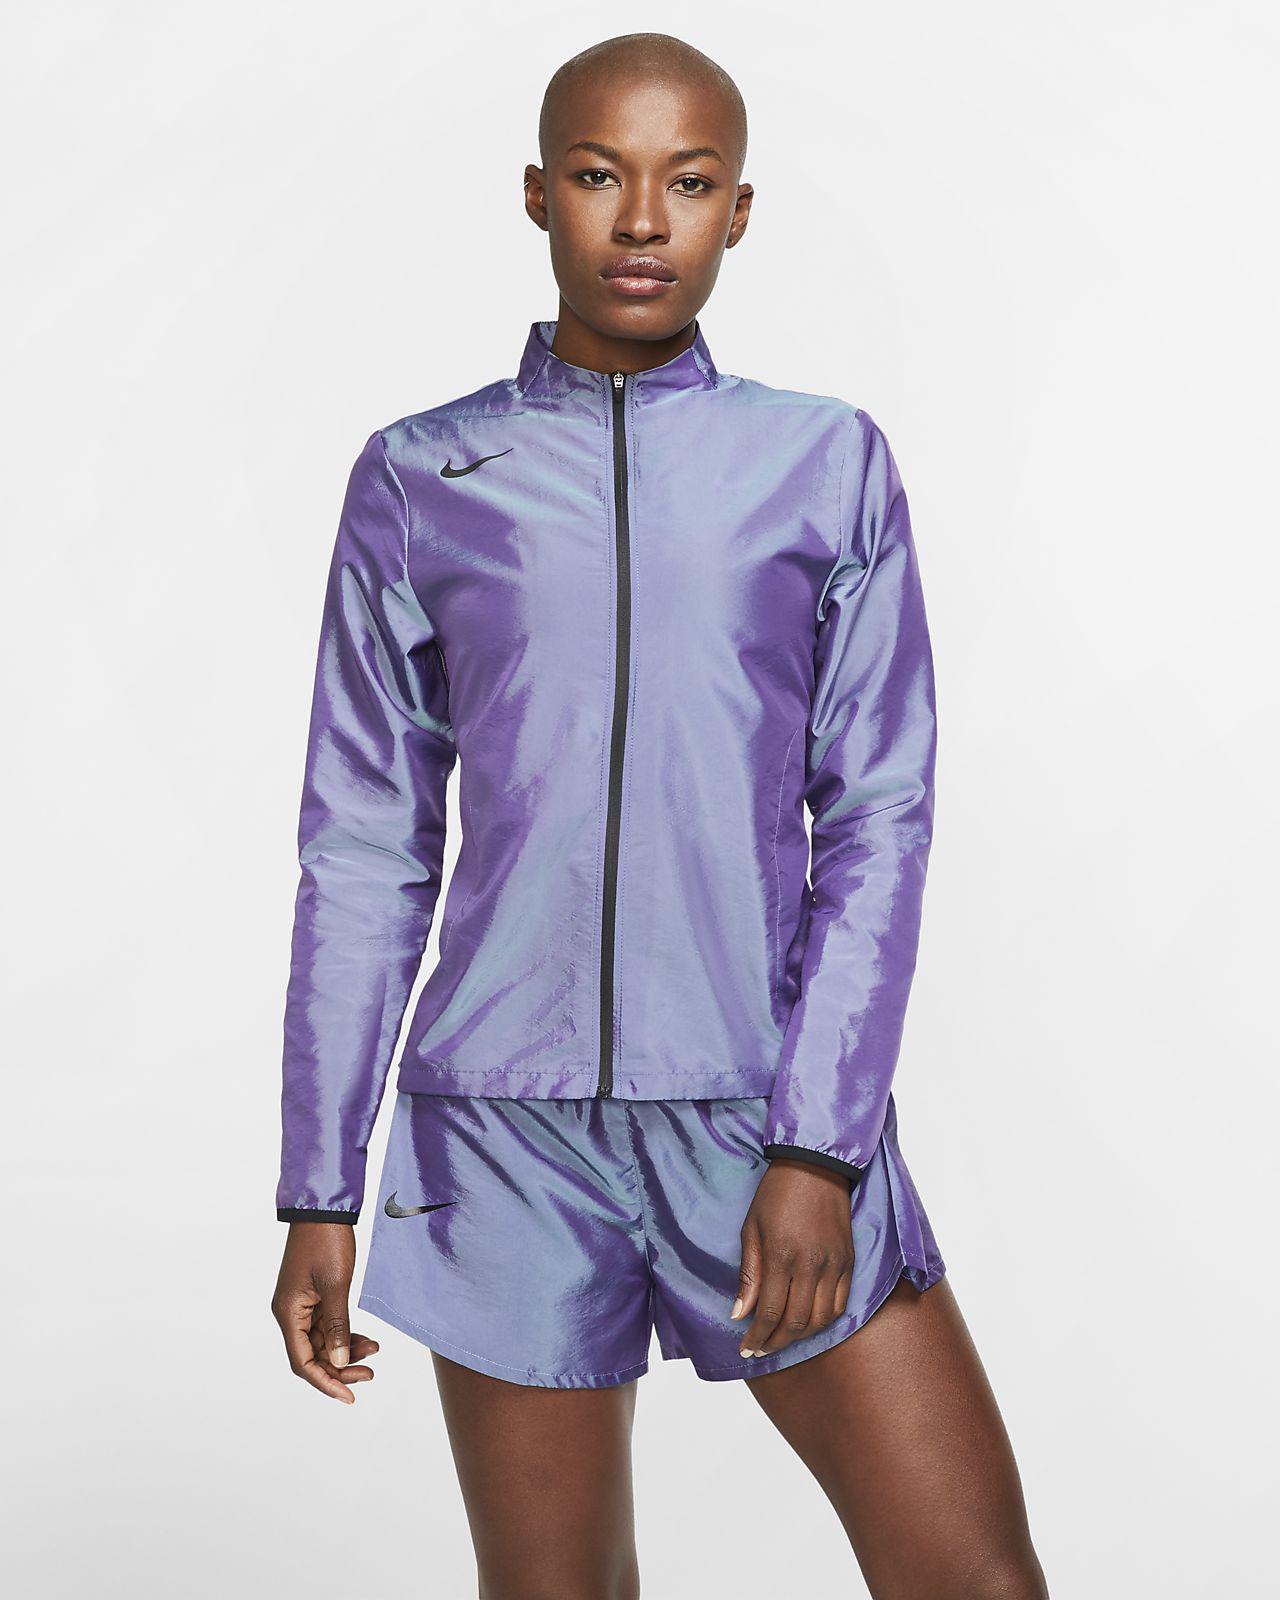 Dámská běžecká bunda Nike s dlouhým zipem